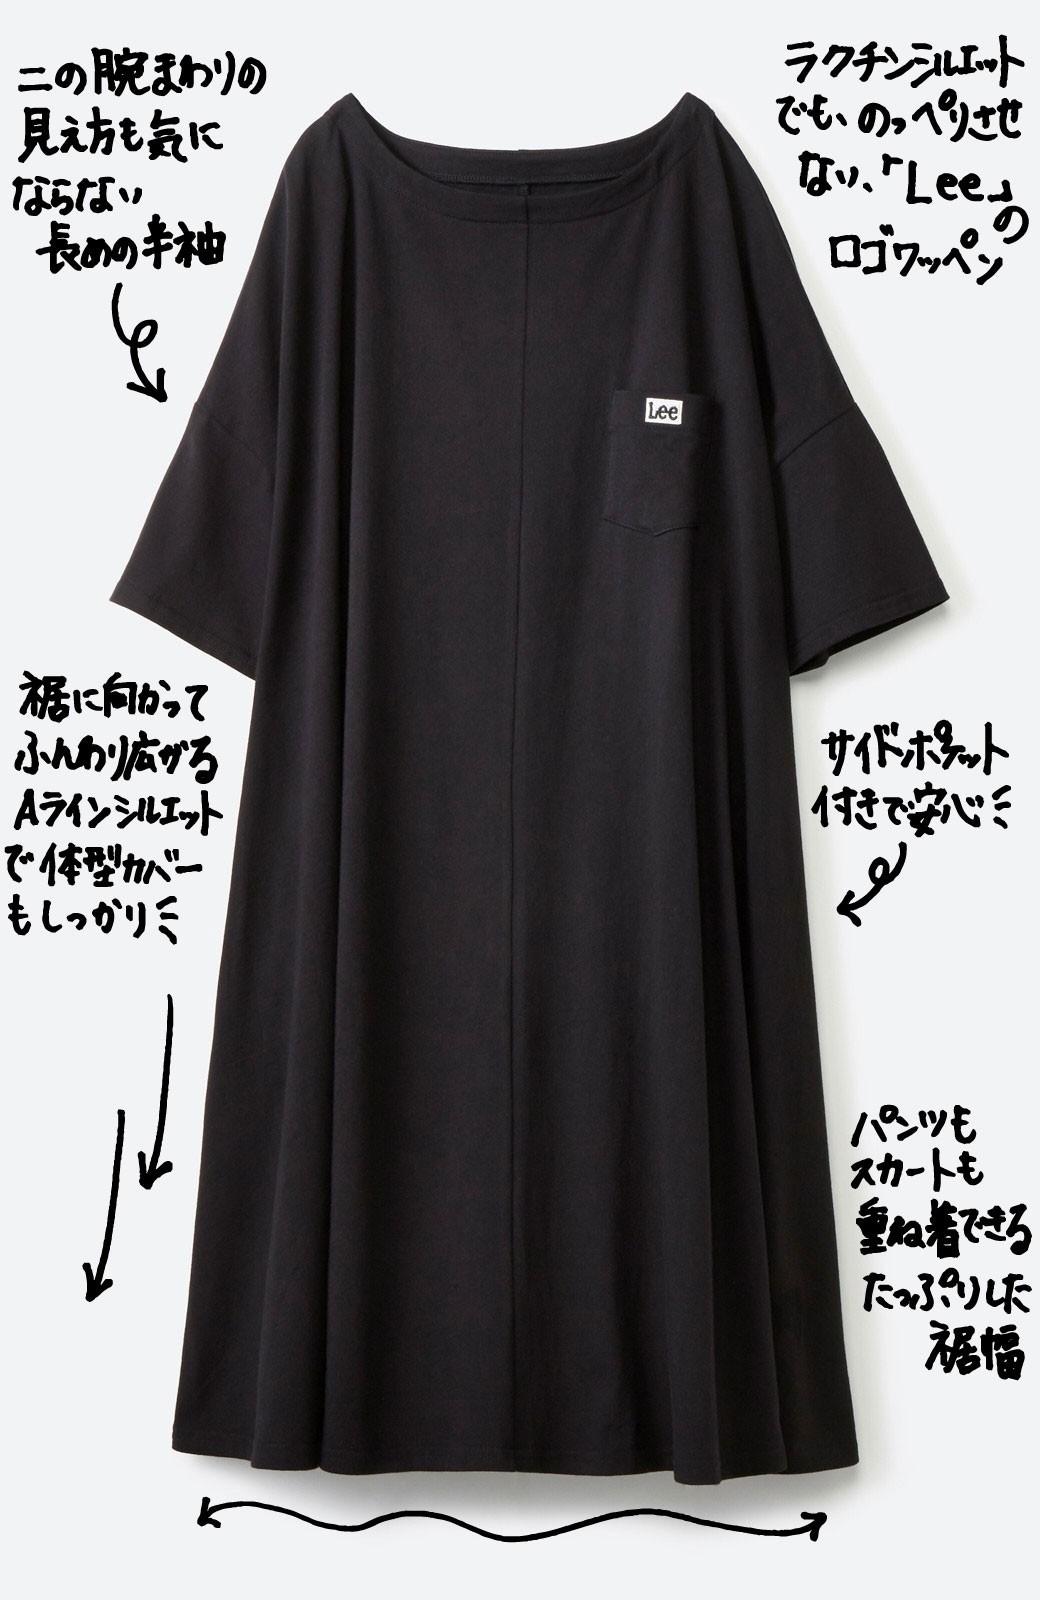 haco! 【今年も再販!】別注Lee ゆったりワンピース <ブラック>の商品写真3